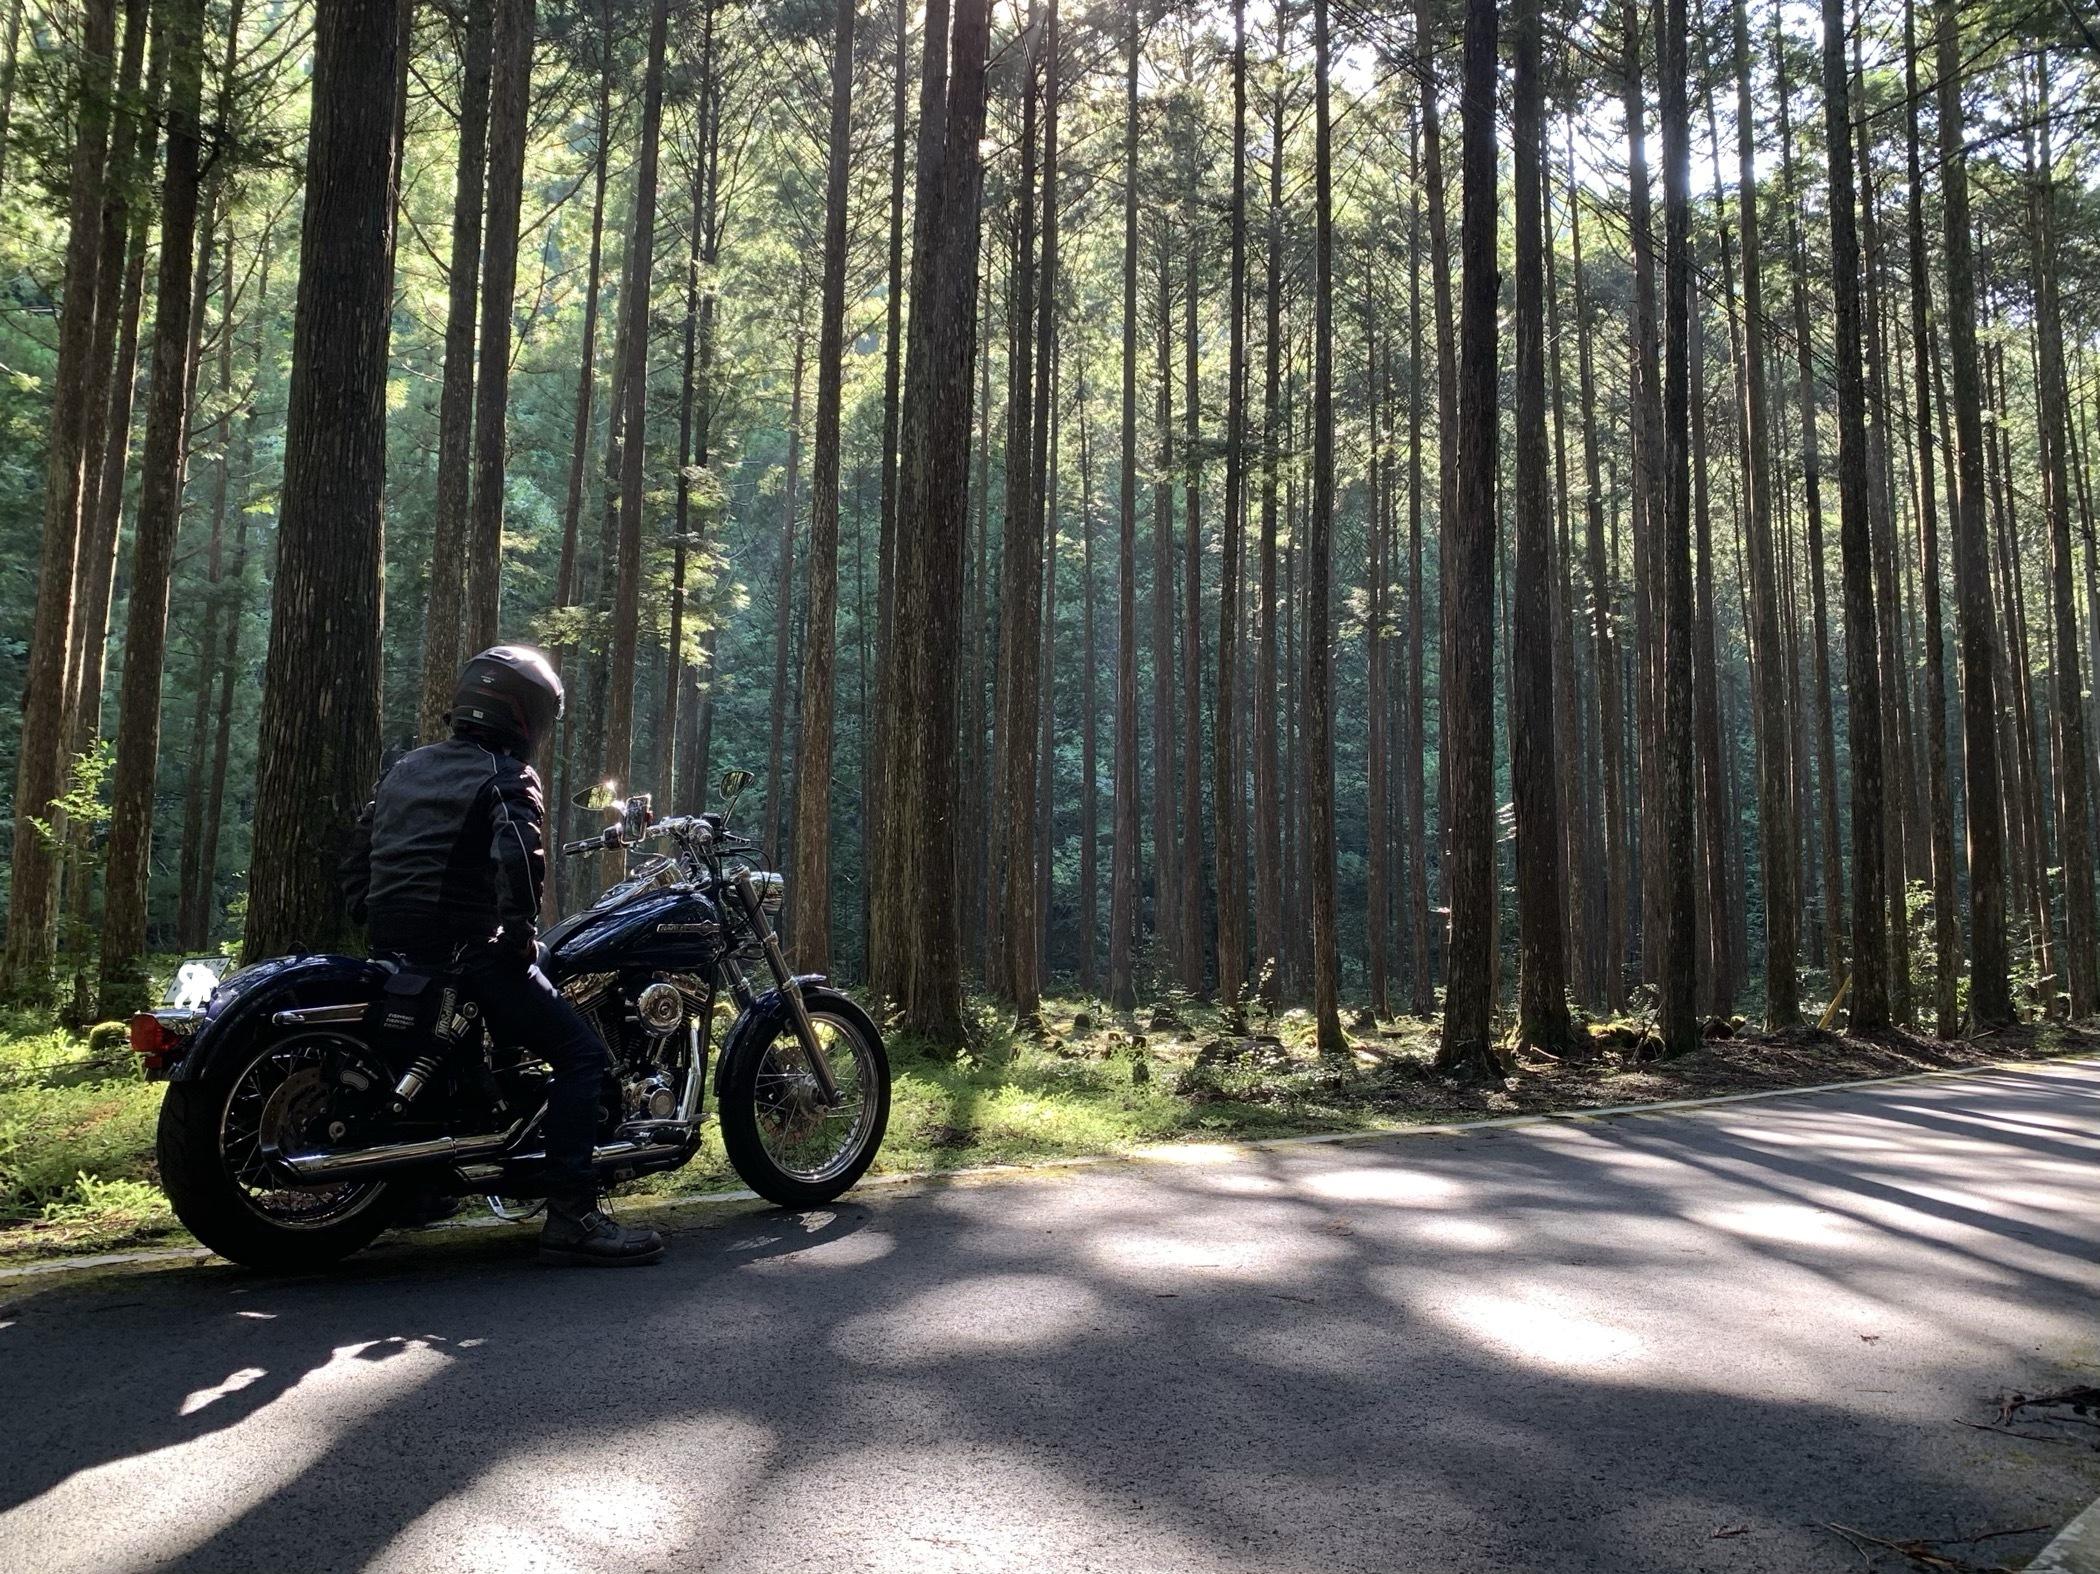 ぴーきち&ダイナ ハーレー で行く 十津川村 ツーリング 下北山村